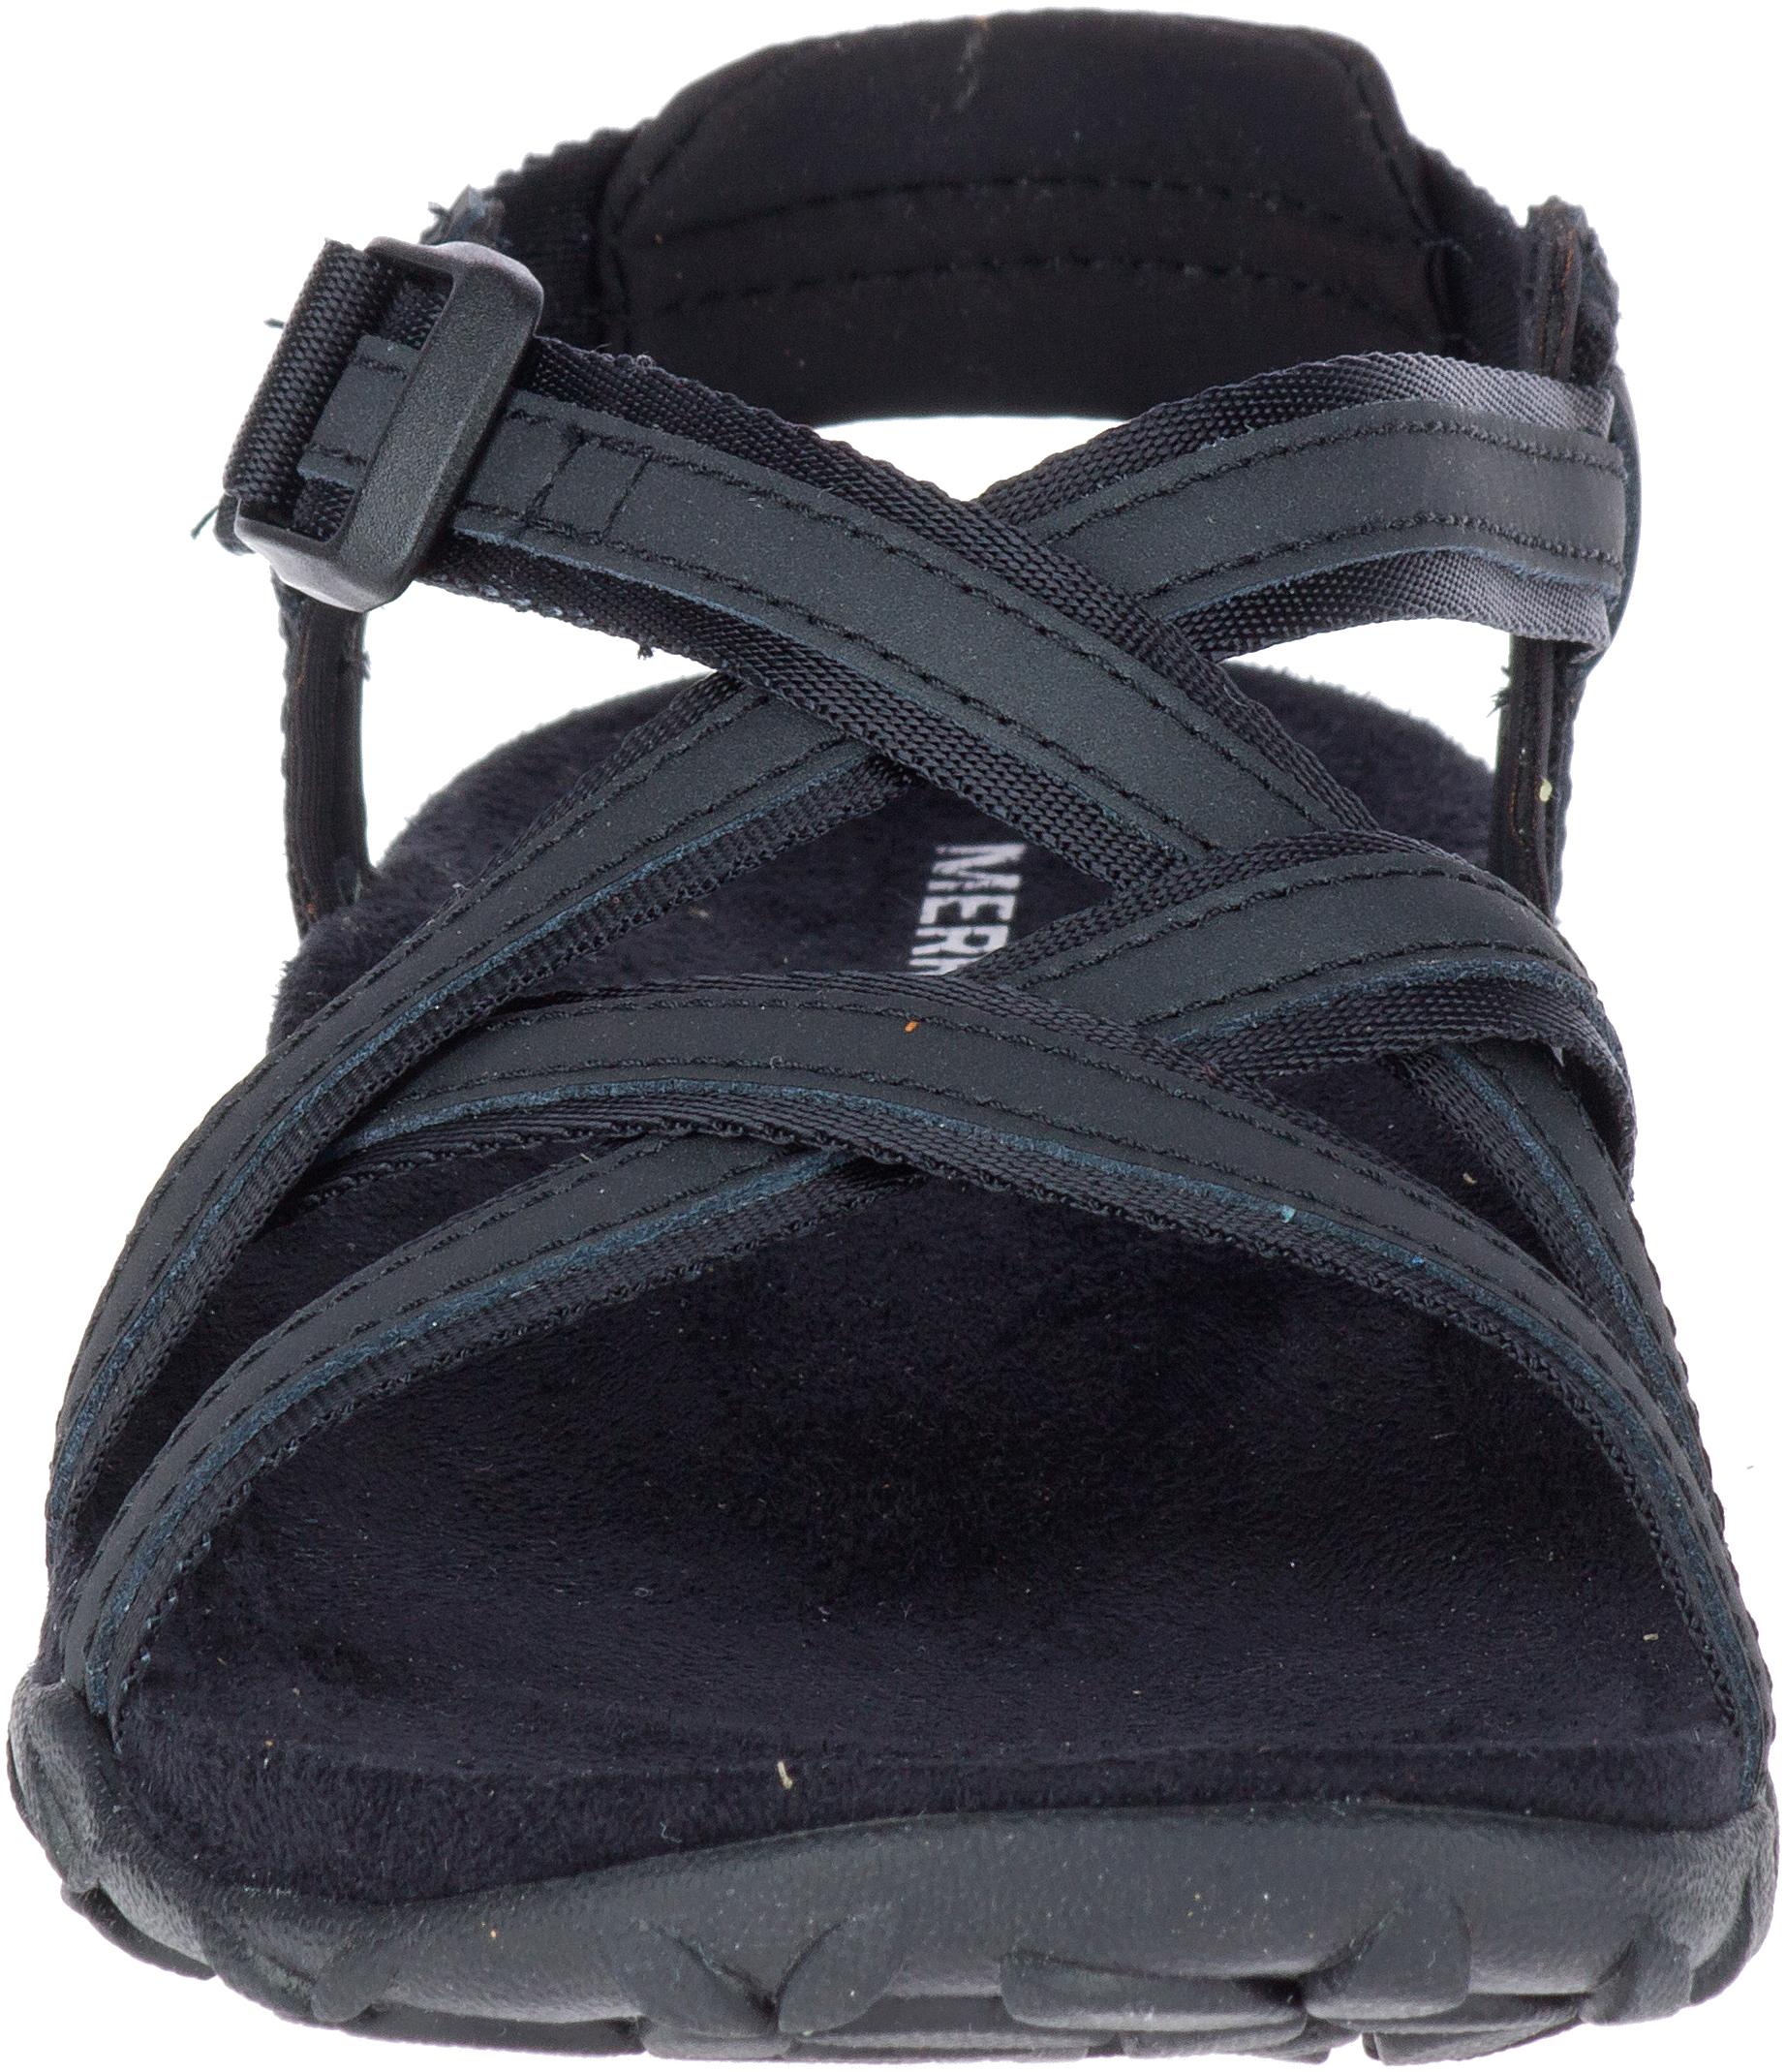 77c57d60a413 Merrell Terran Ari Lattice Sandals - Women s